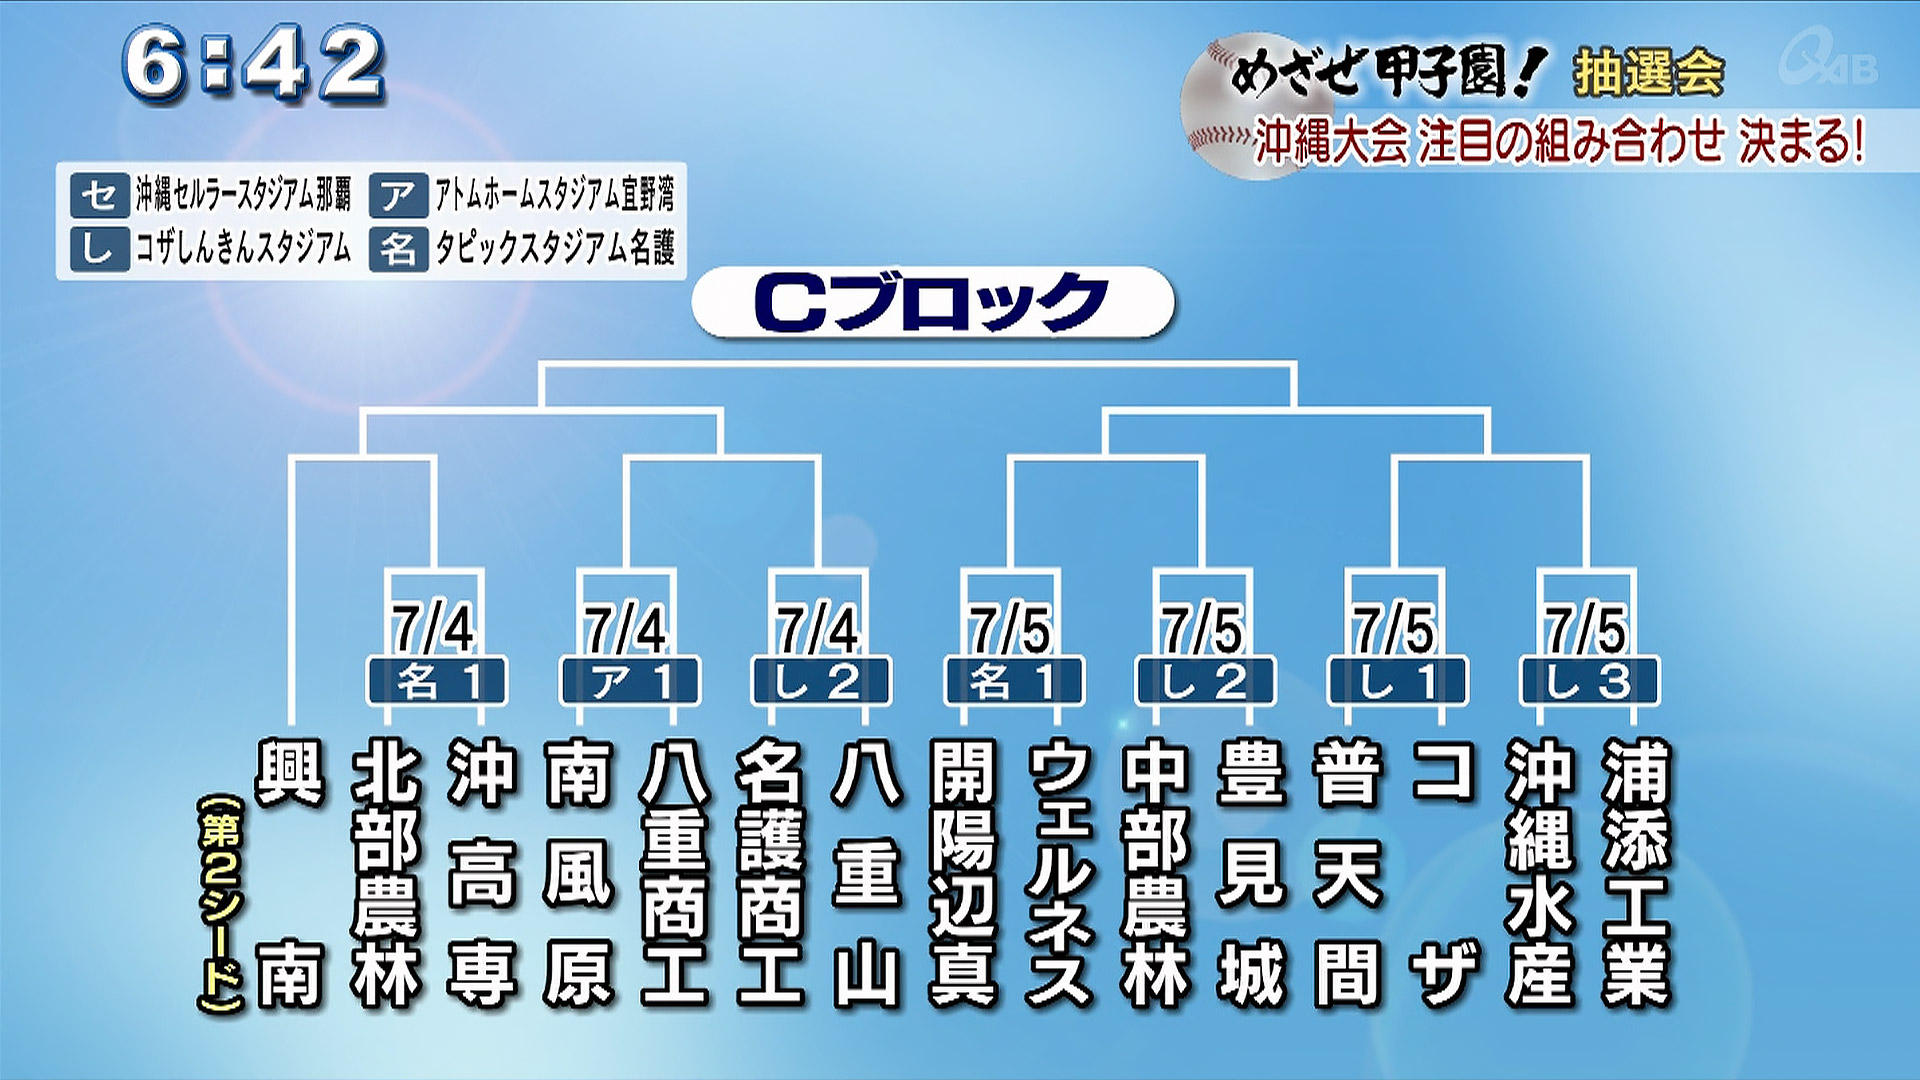 沖縄大会 注目の組み合わせ 決まる!